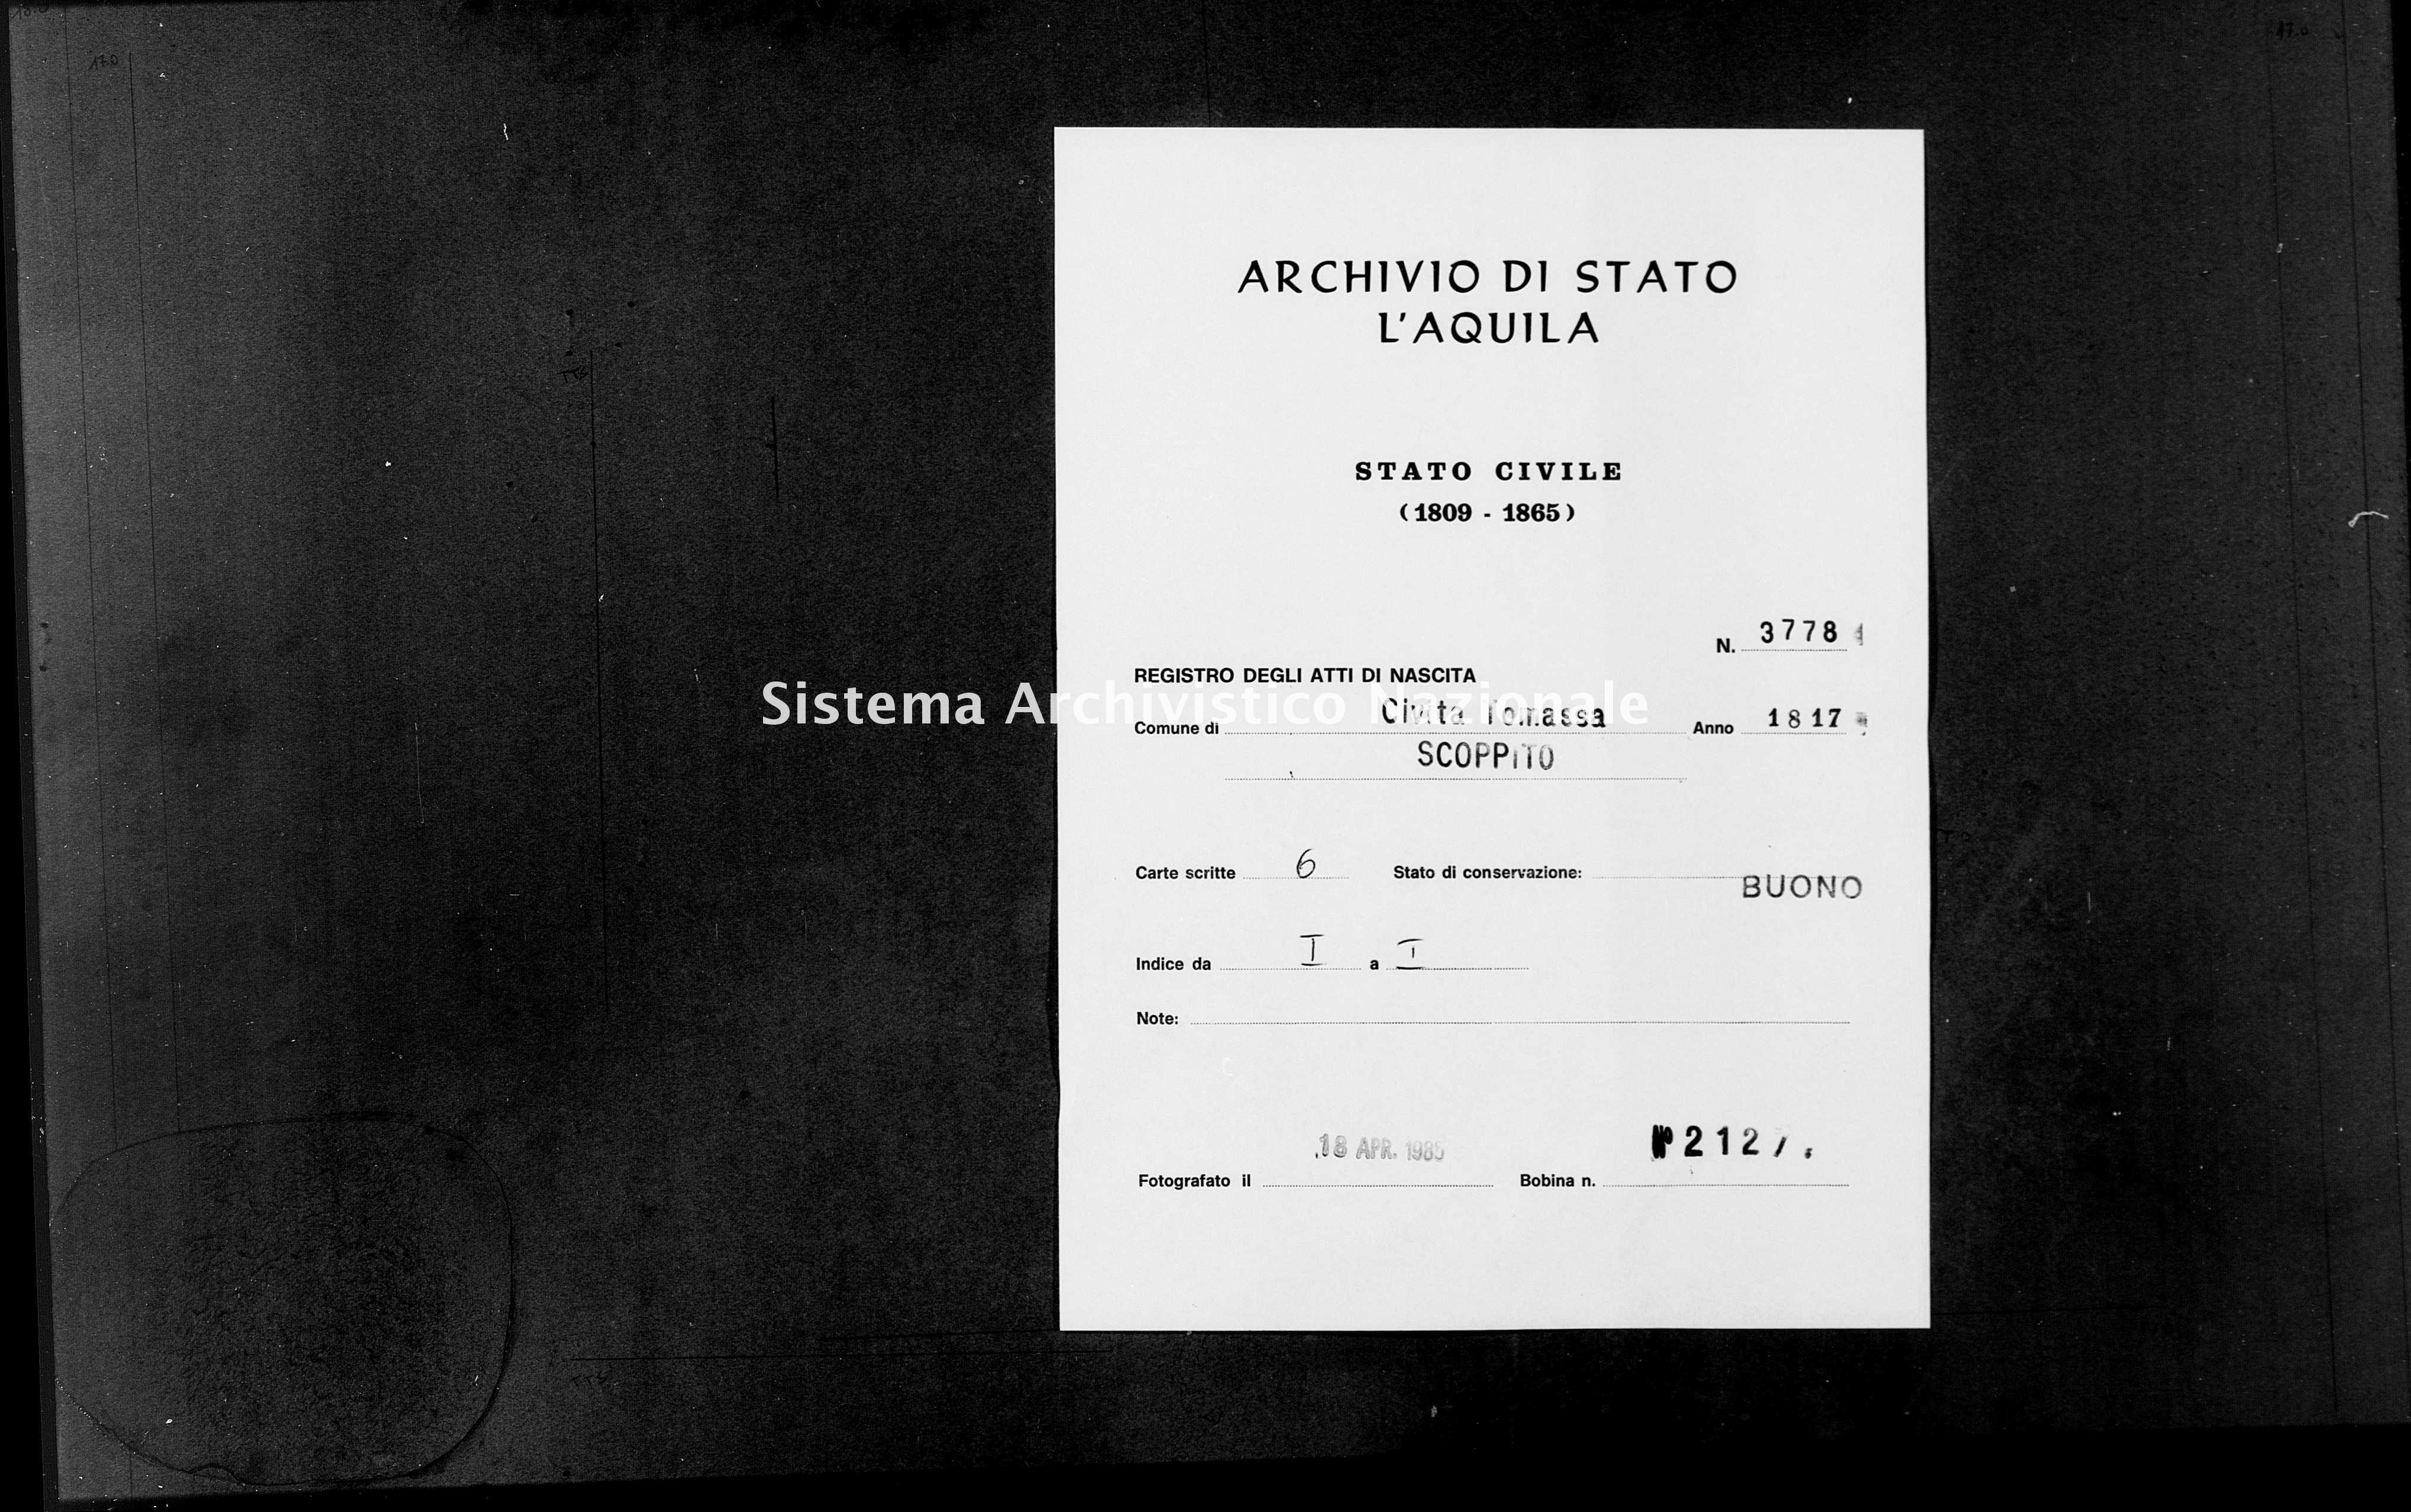 Archivio di stato di L'aquila - Stato civile della restaurazione - Civitatomassa - Nati - 1817 - 3778 -